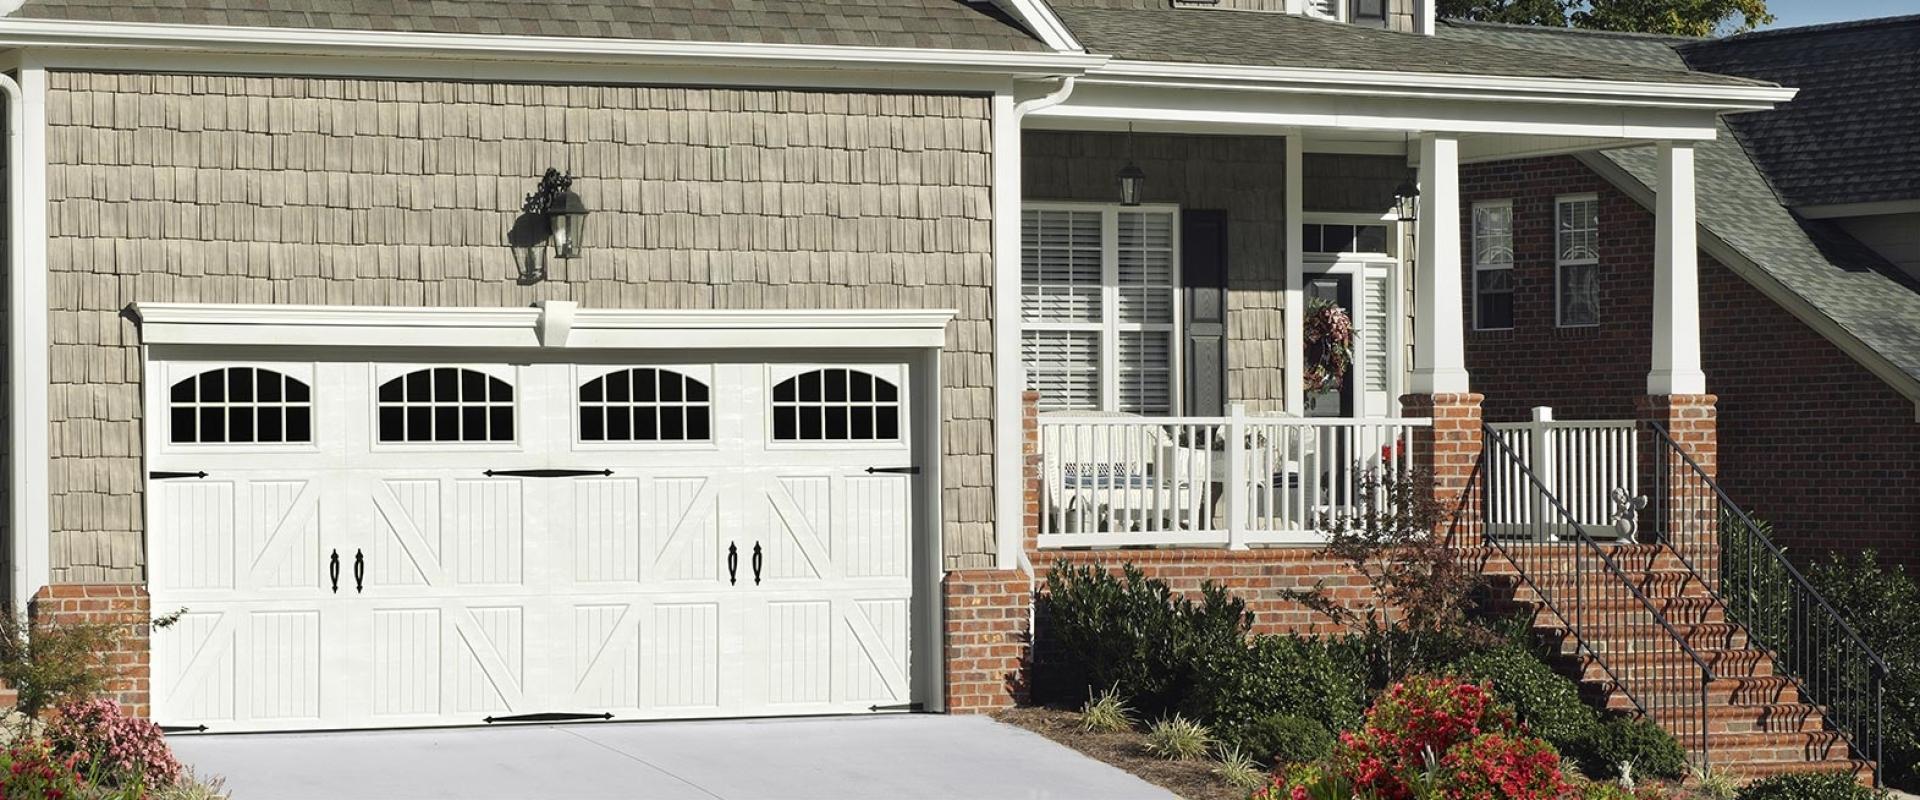 Home cw garage doors traditional wood door traditional wood door cw garage doors rubansaba